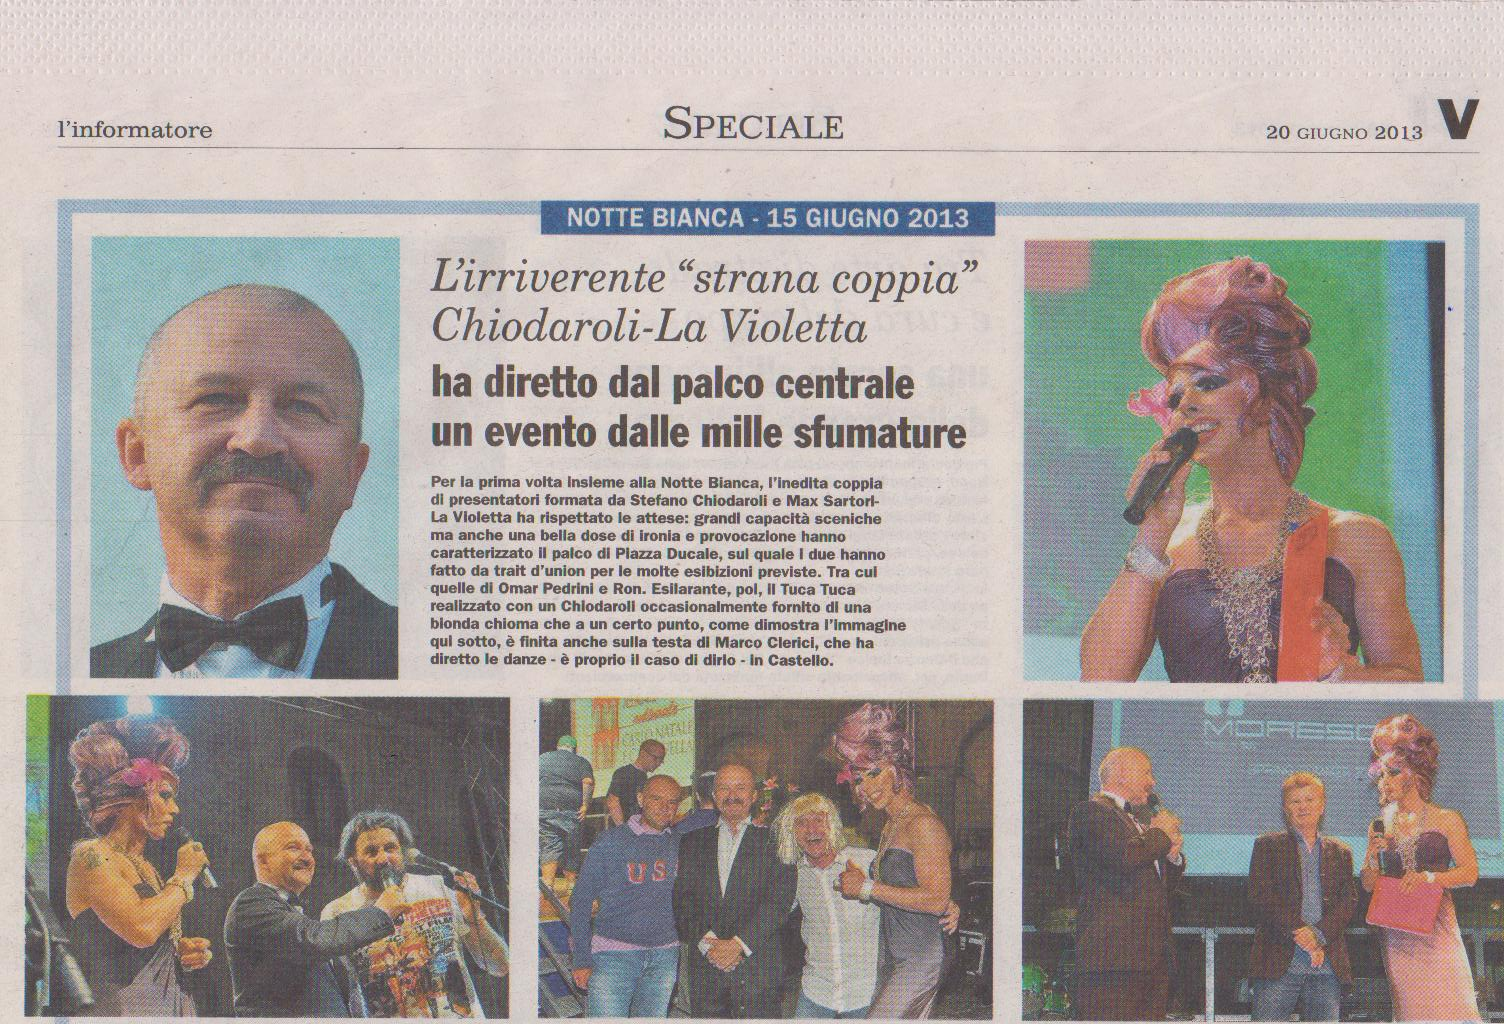 Stefano Chiodaroli, la Violetta, Omar Pedrini, Marco Clerici e RON